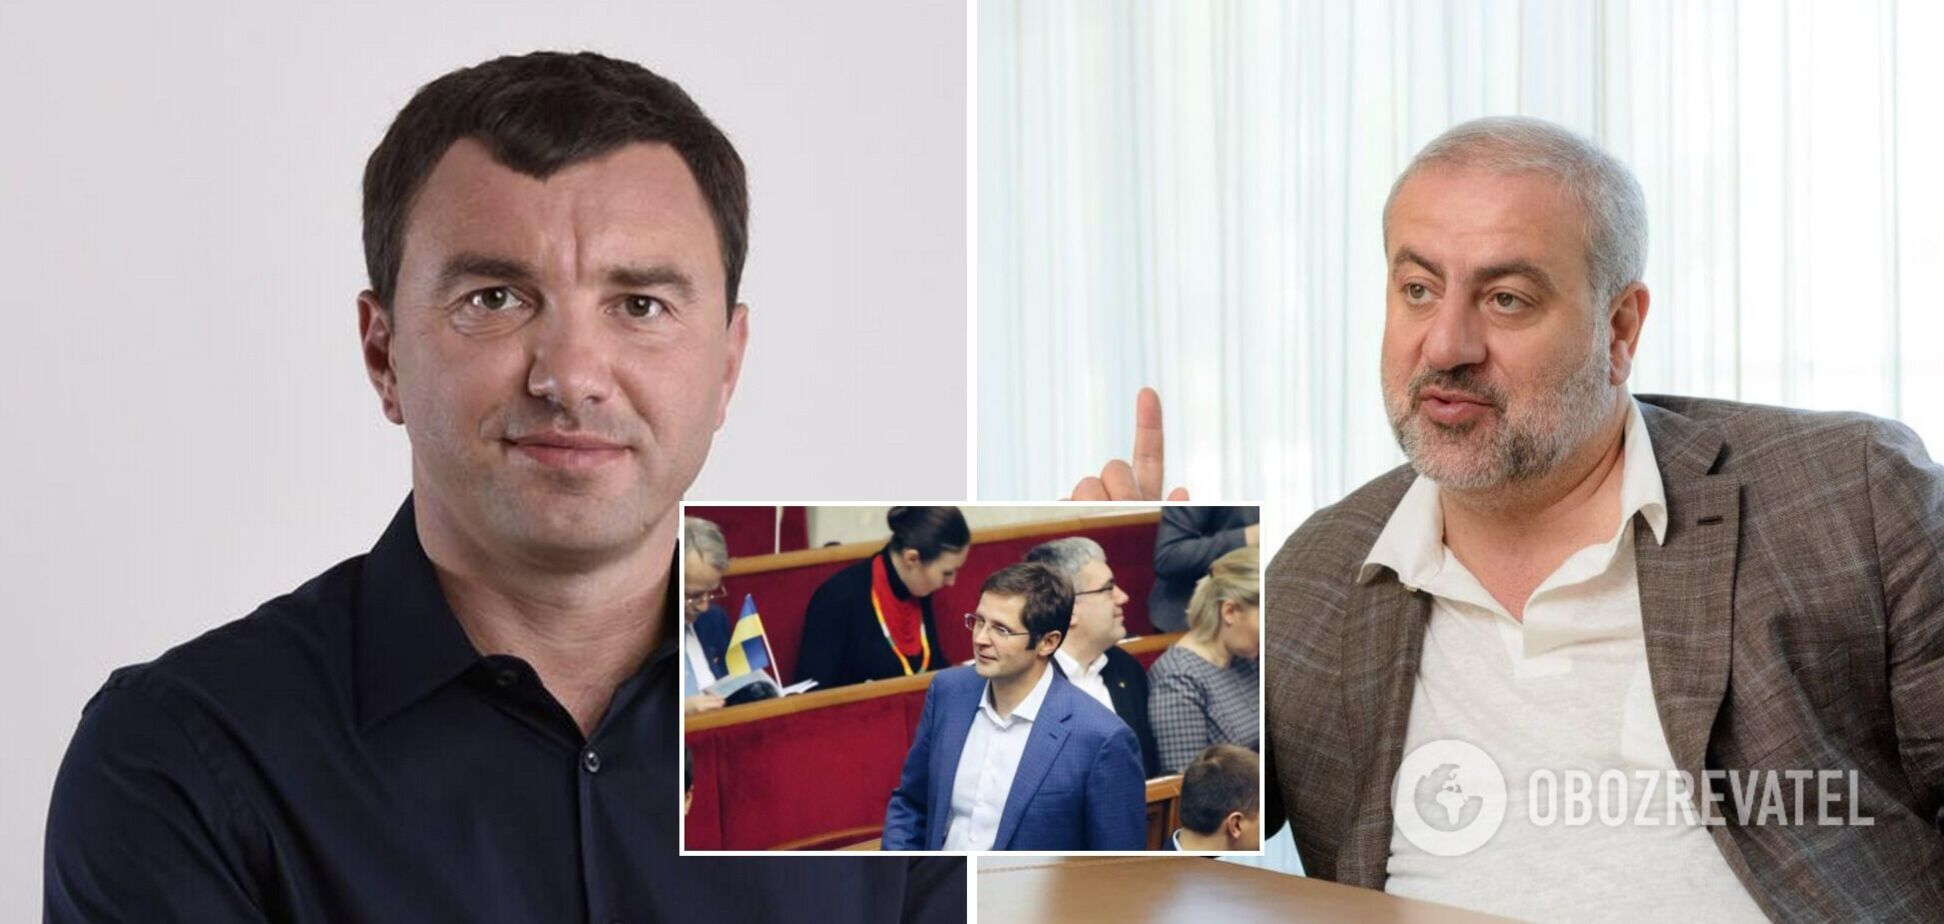 Нардеп Іванчук з партнером Гранцем почали 'чорну' кампанію проти депутата-опонента